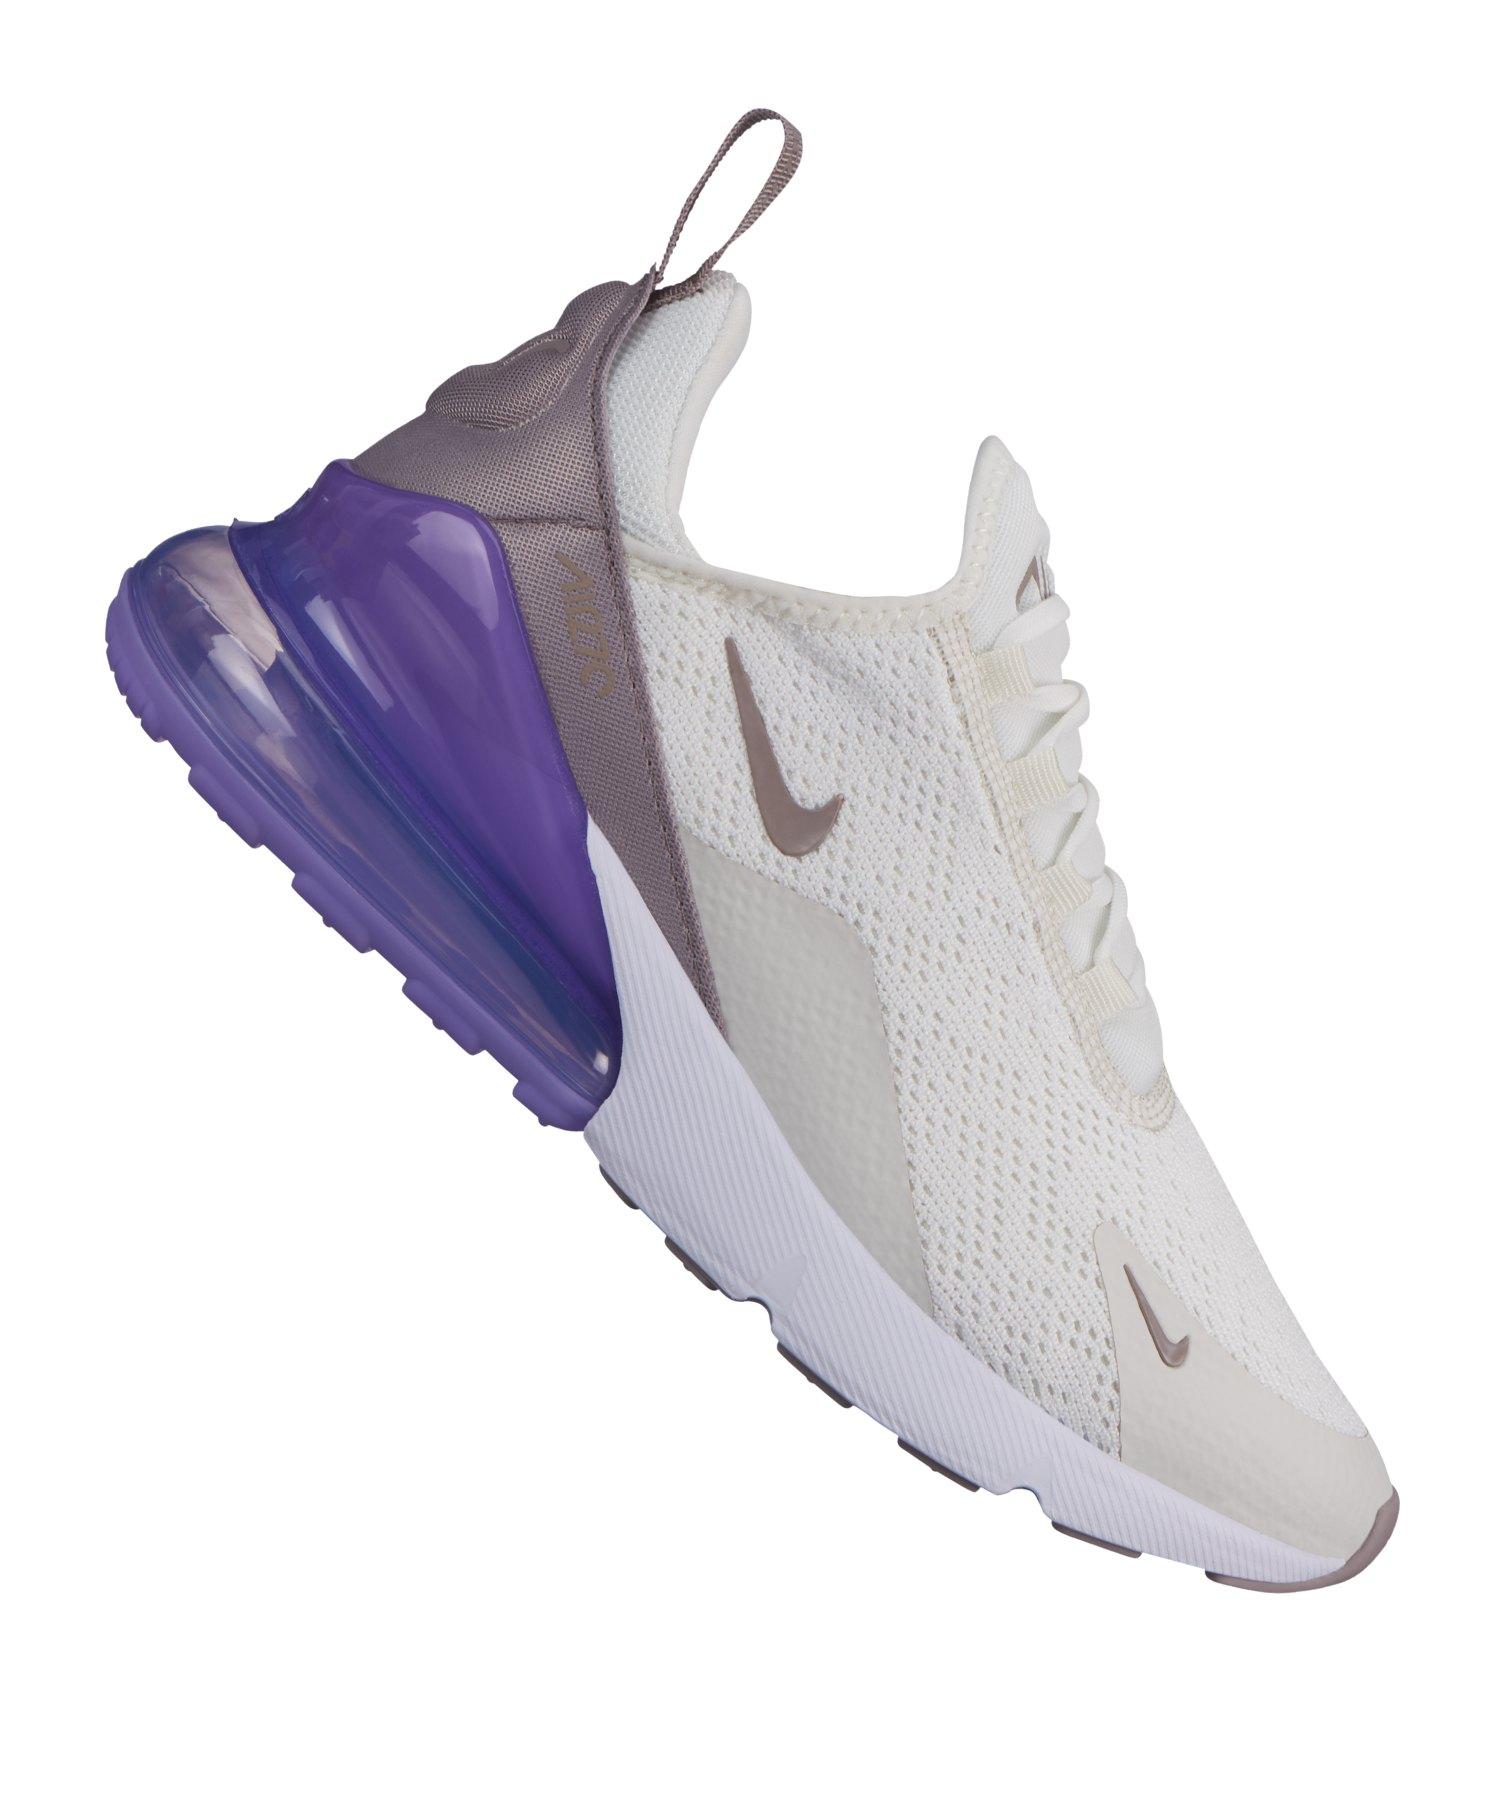 new styles 520ad 65f41 Nike Air Max 270 Sneaker Damen Weiss F107